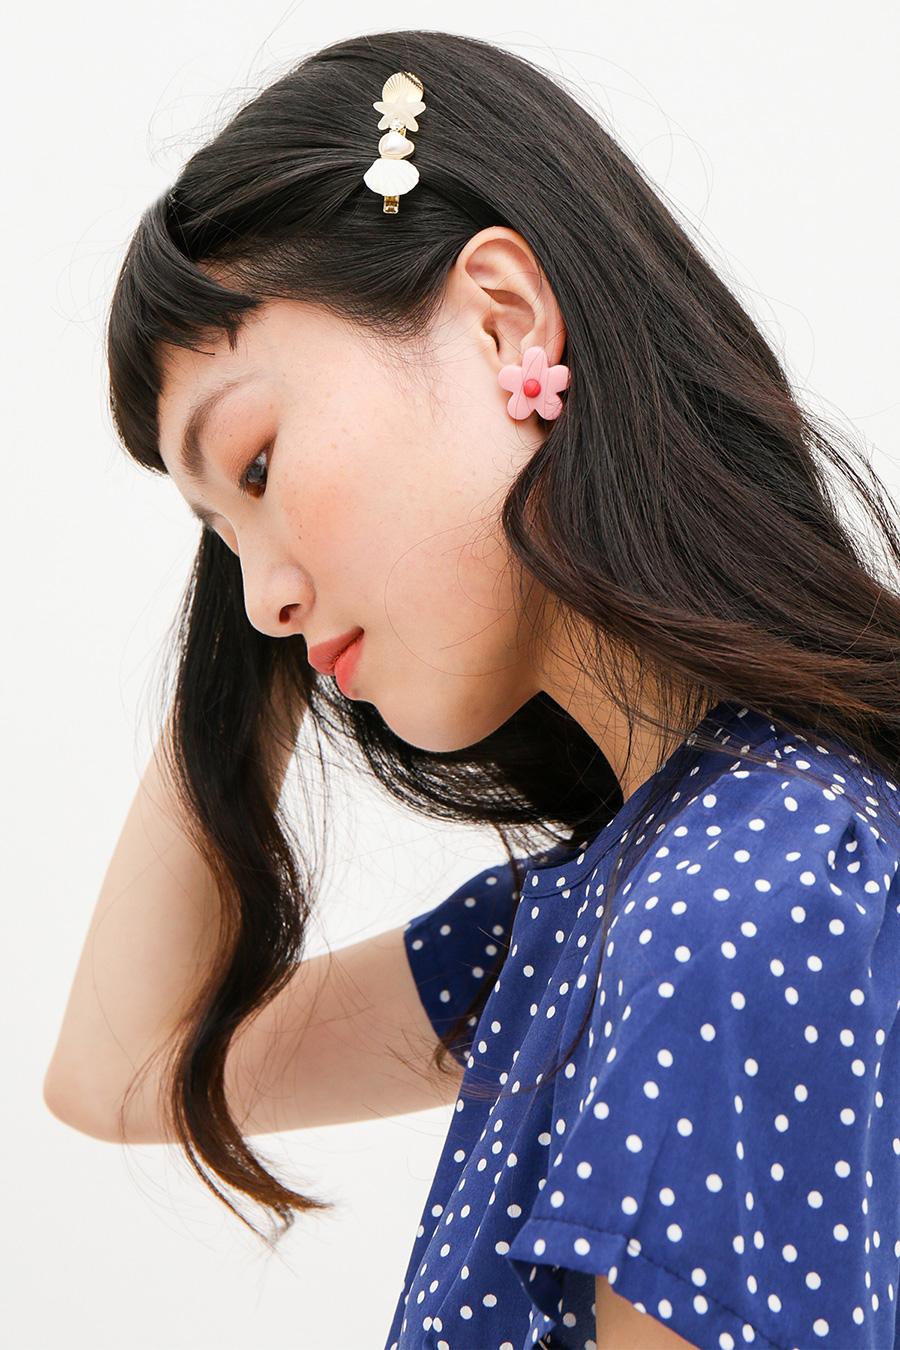 CAROLE EARRING - BALLET